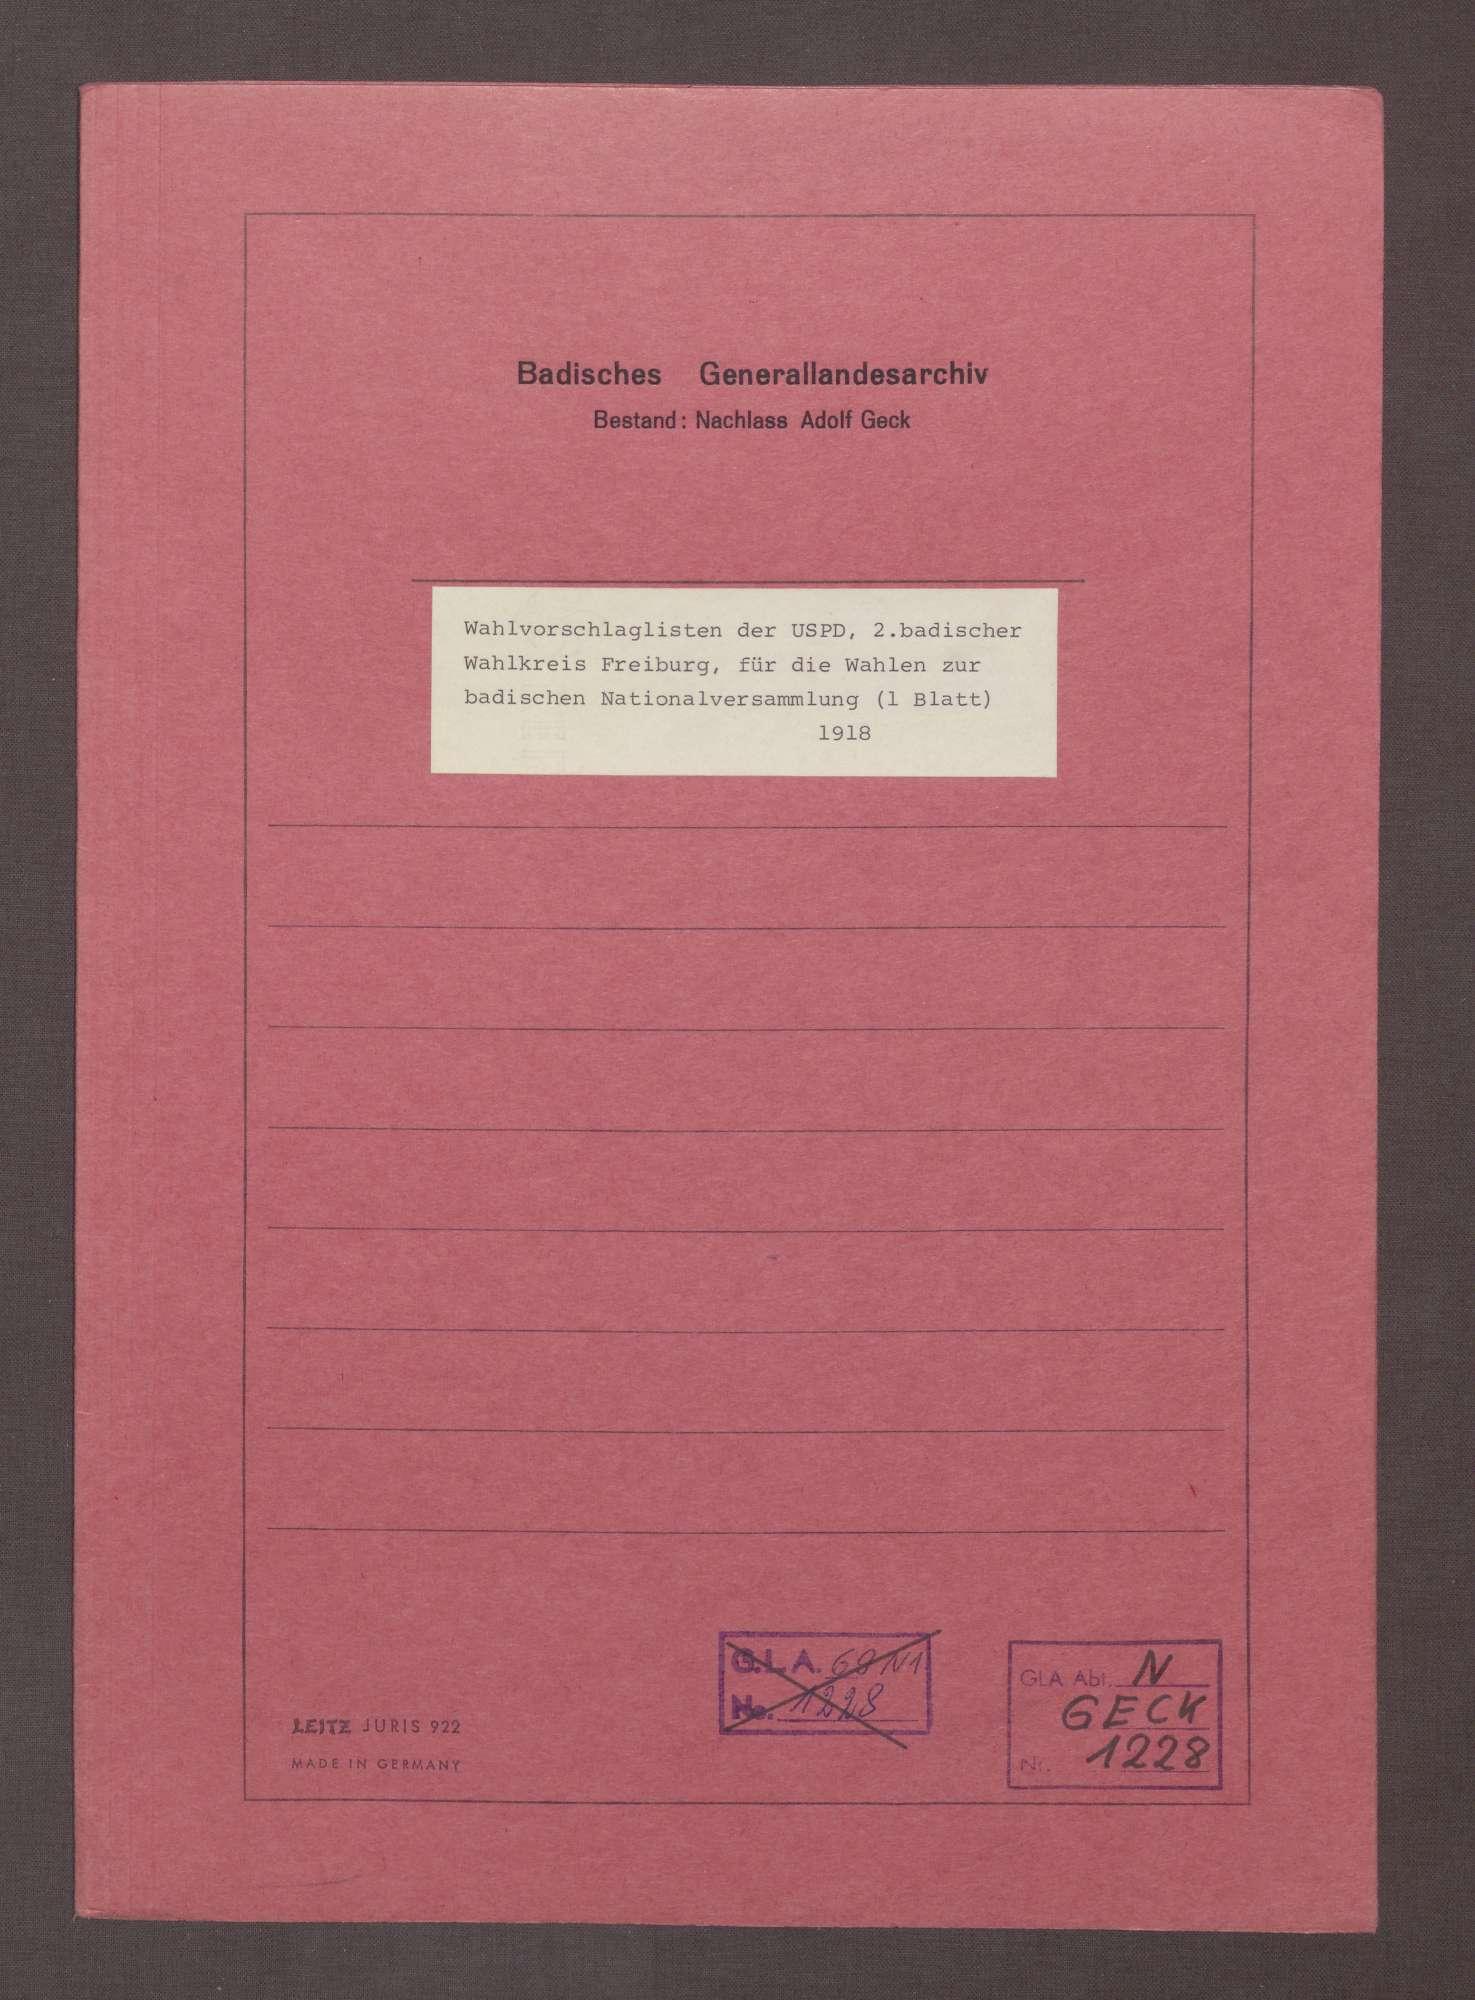 Wahlvorschlagslisten der USPD, 2. badischer Wahlkreis Freiburg, für die Wahlen zur badischen Nationalversammlung, Bild 1